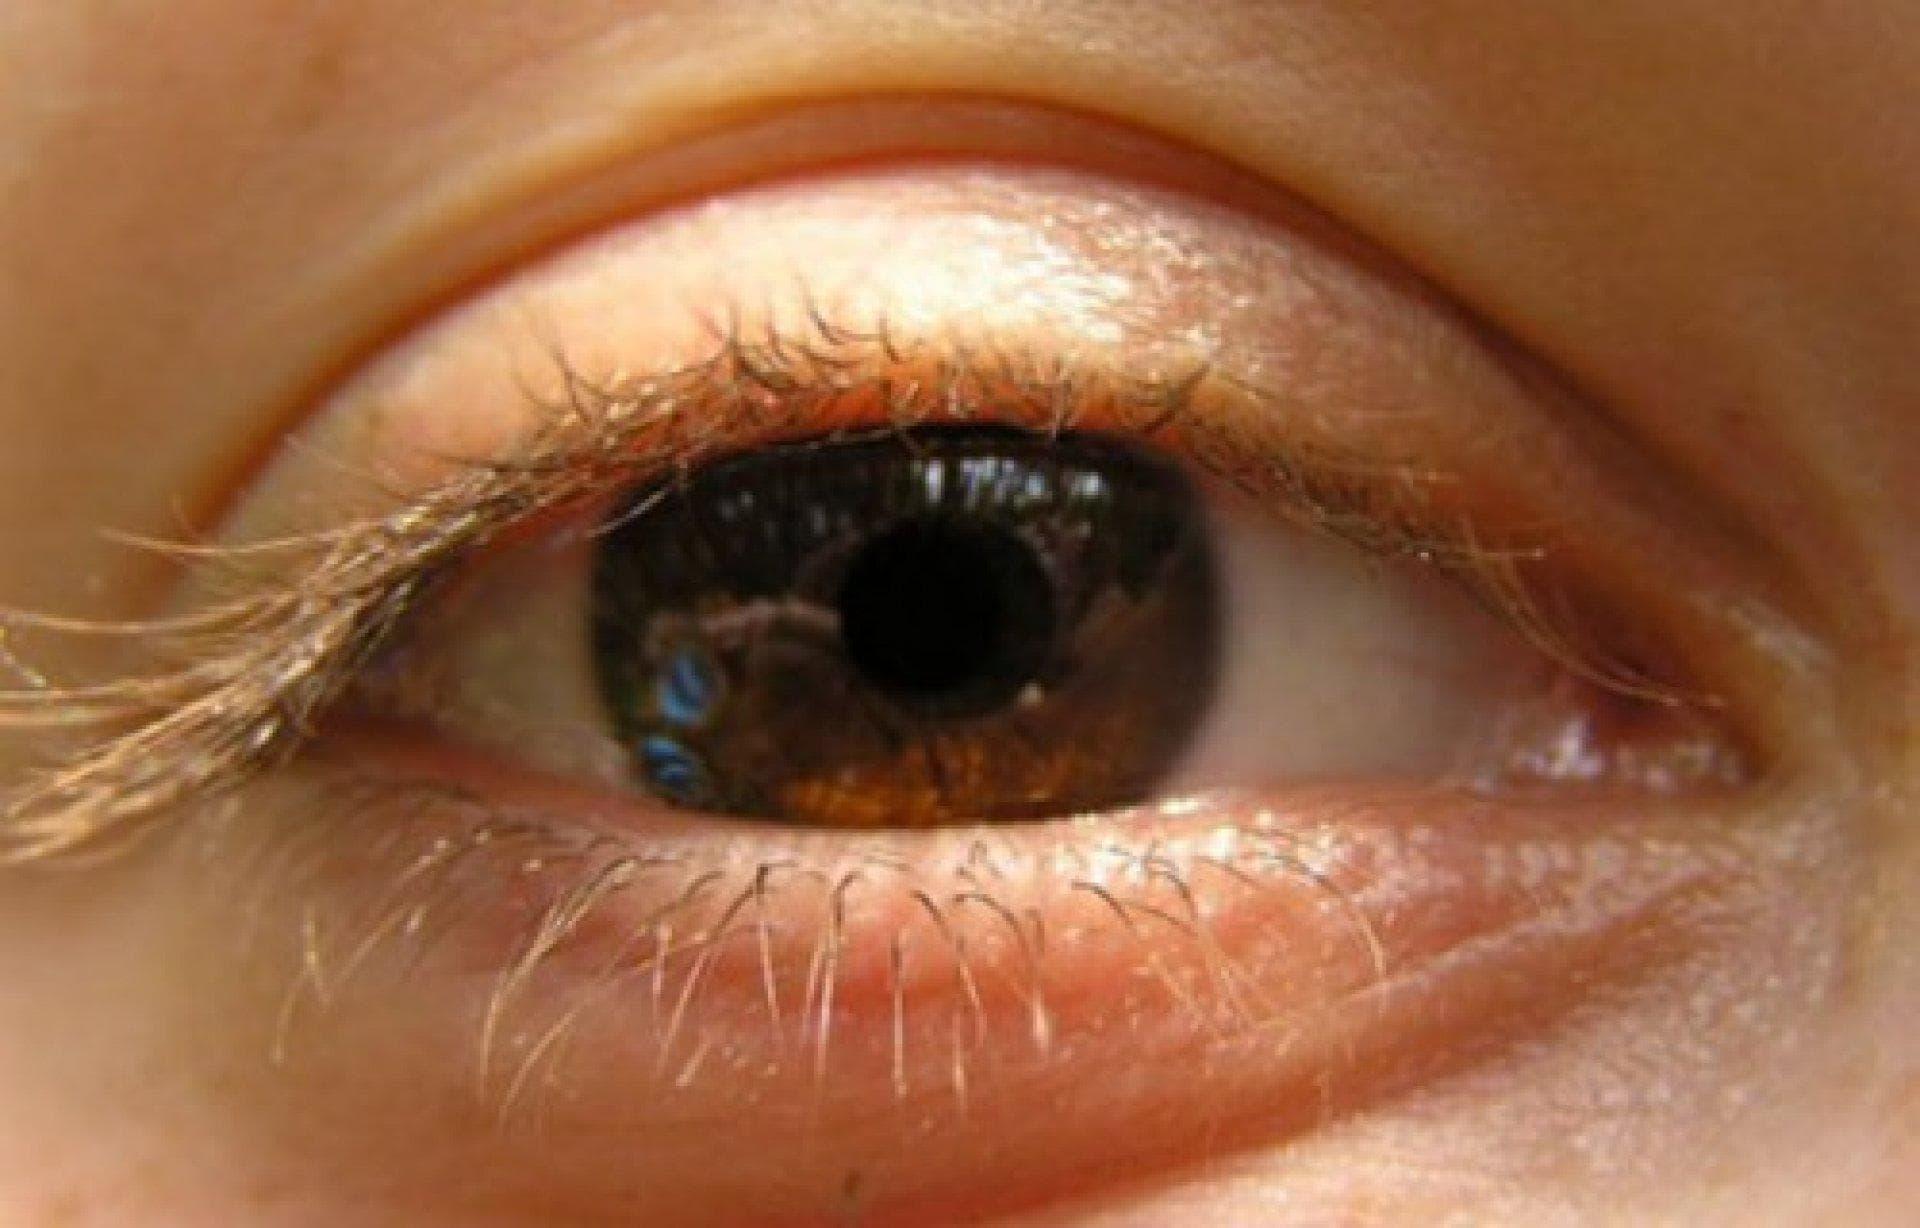 Непроизвольные колебательные движения глазных яблок называется